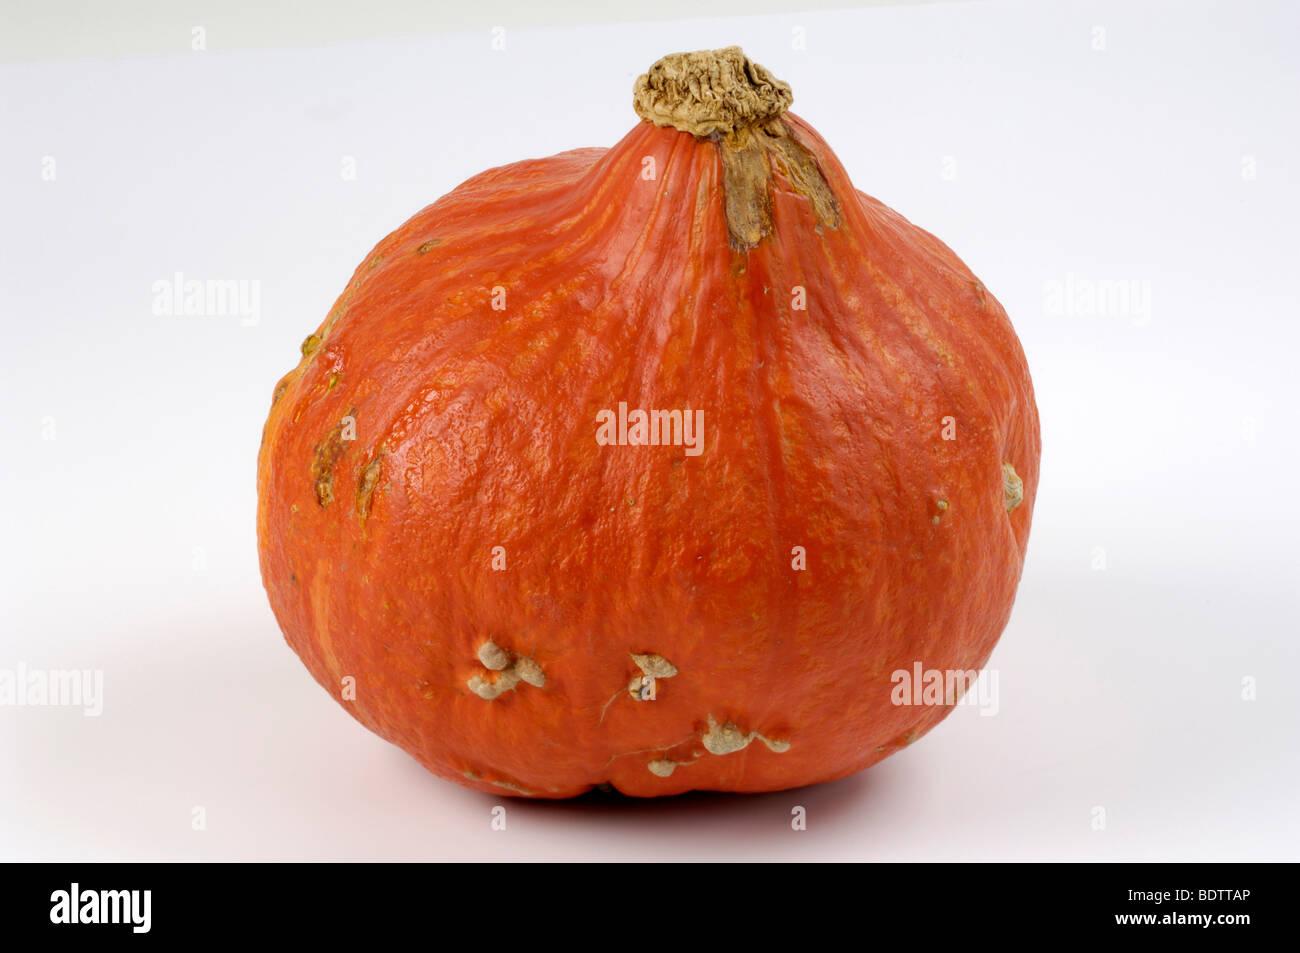 Pumpkin, Speisekuerbis, Hokkaido Cucurbita pepo, Kuerbis, Gartenkuerbis Stock Photo